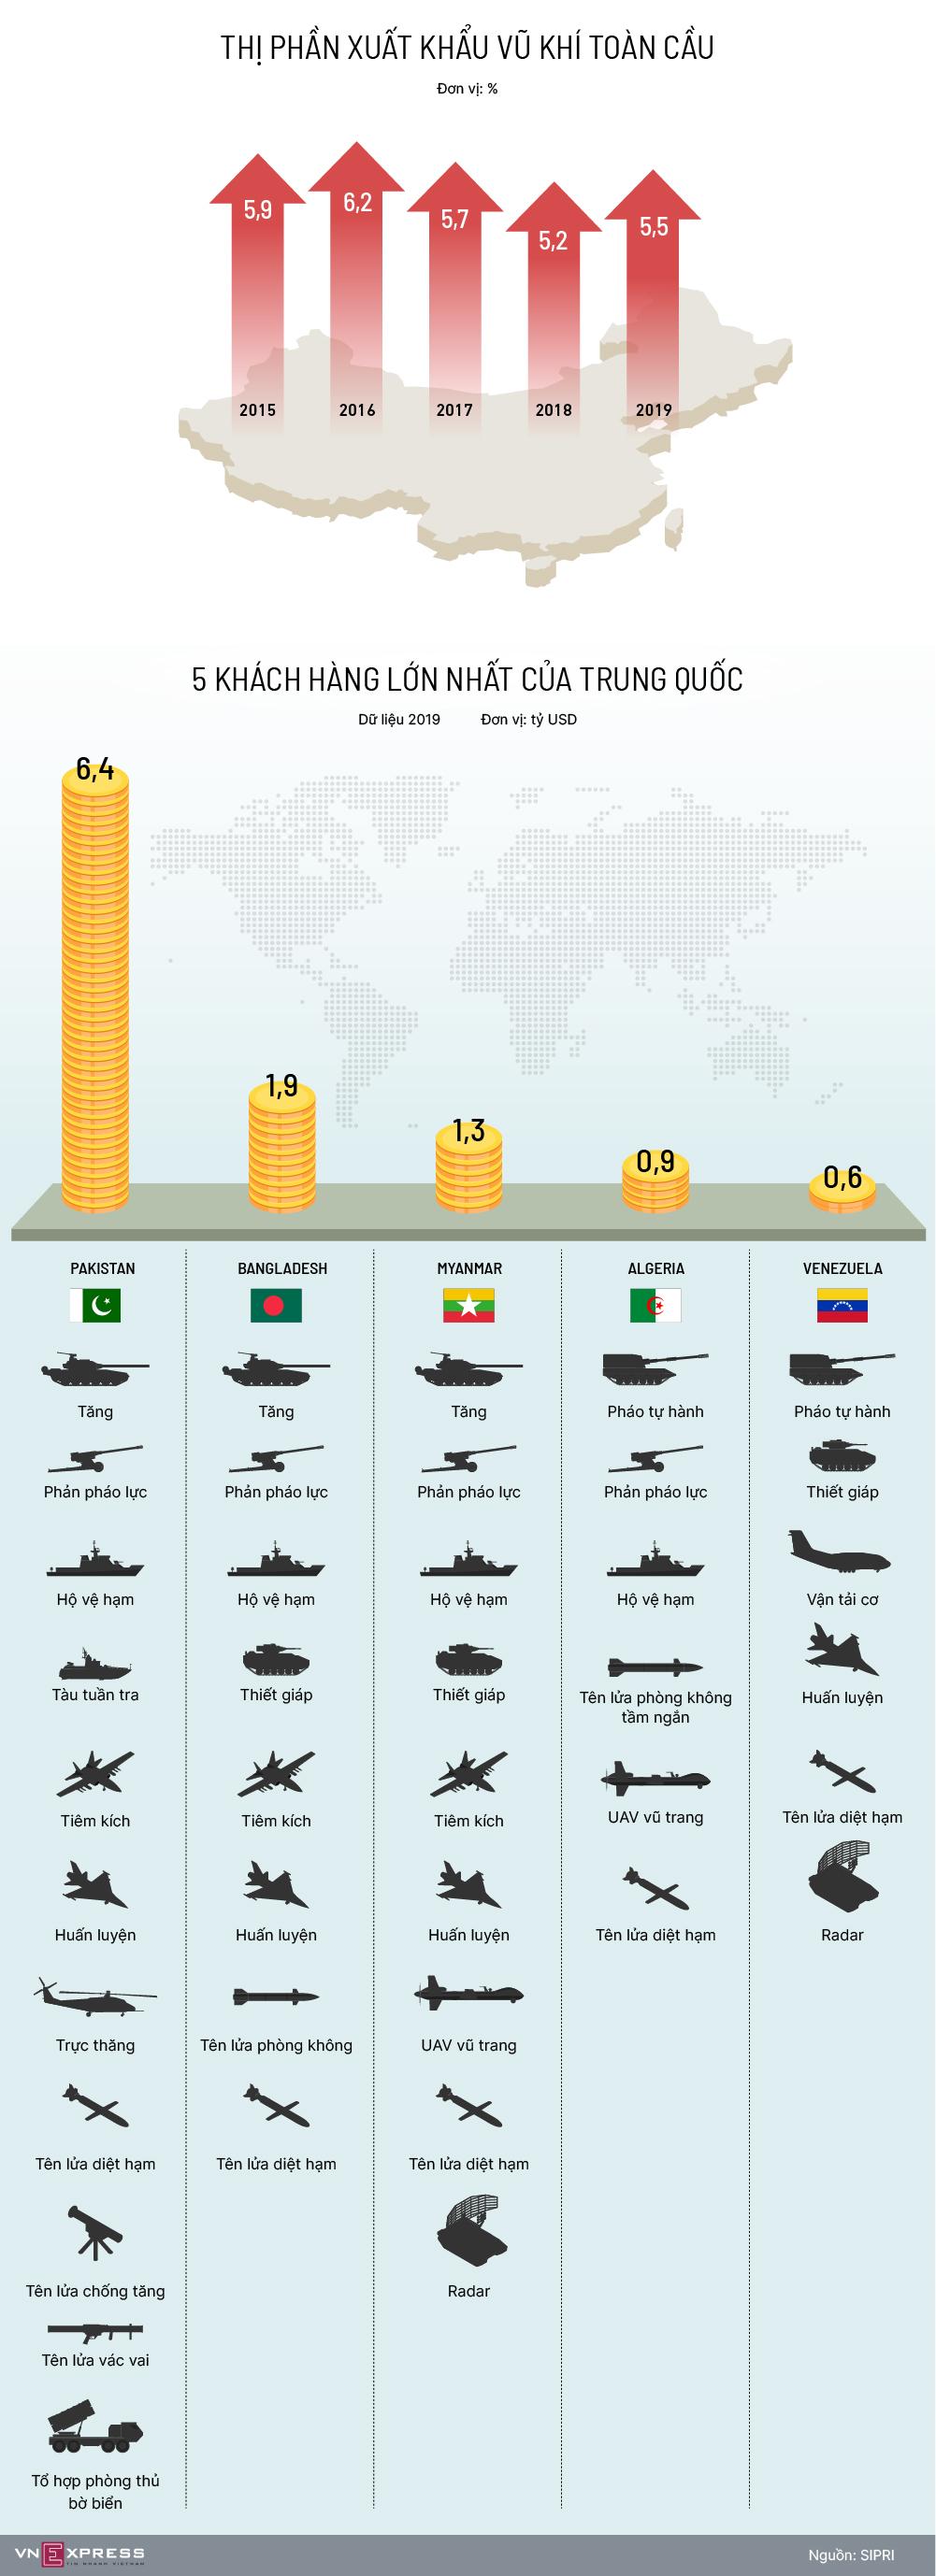 5 quốc gia mua nhiều vũ khí Trung Quốc nhất